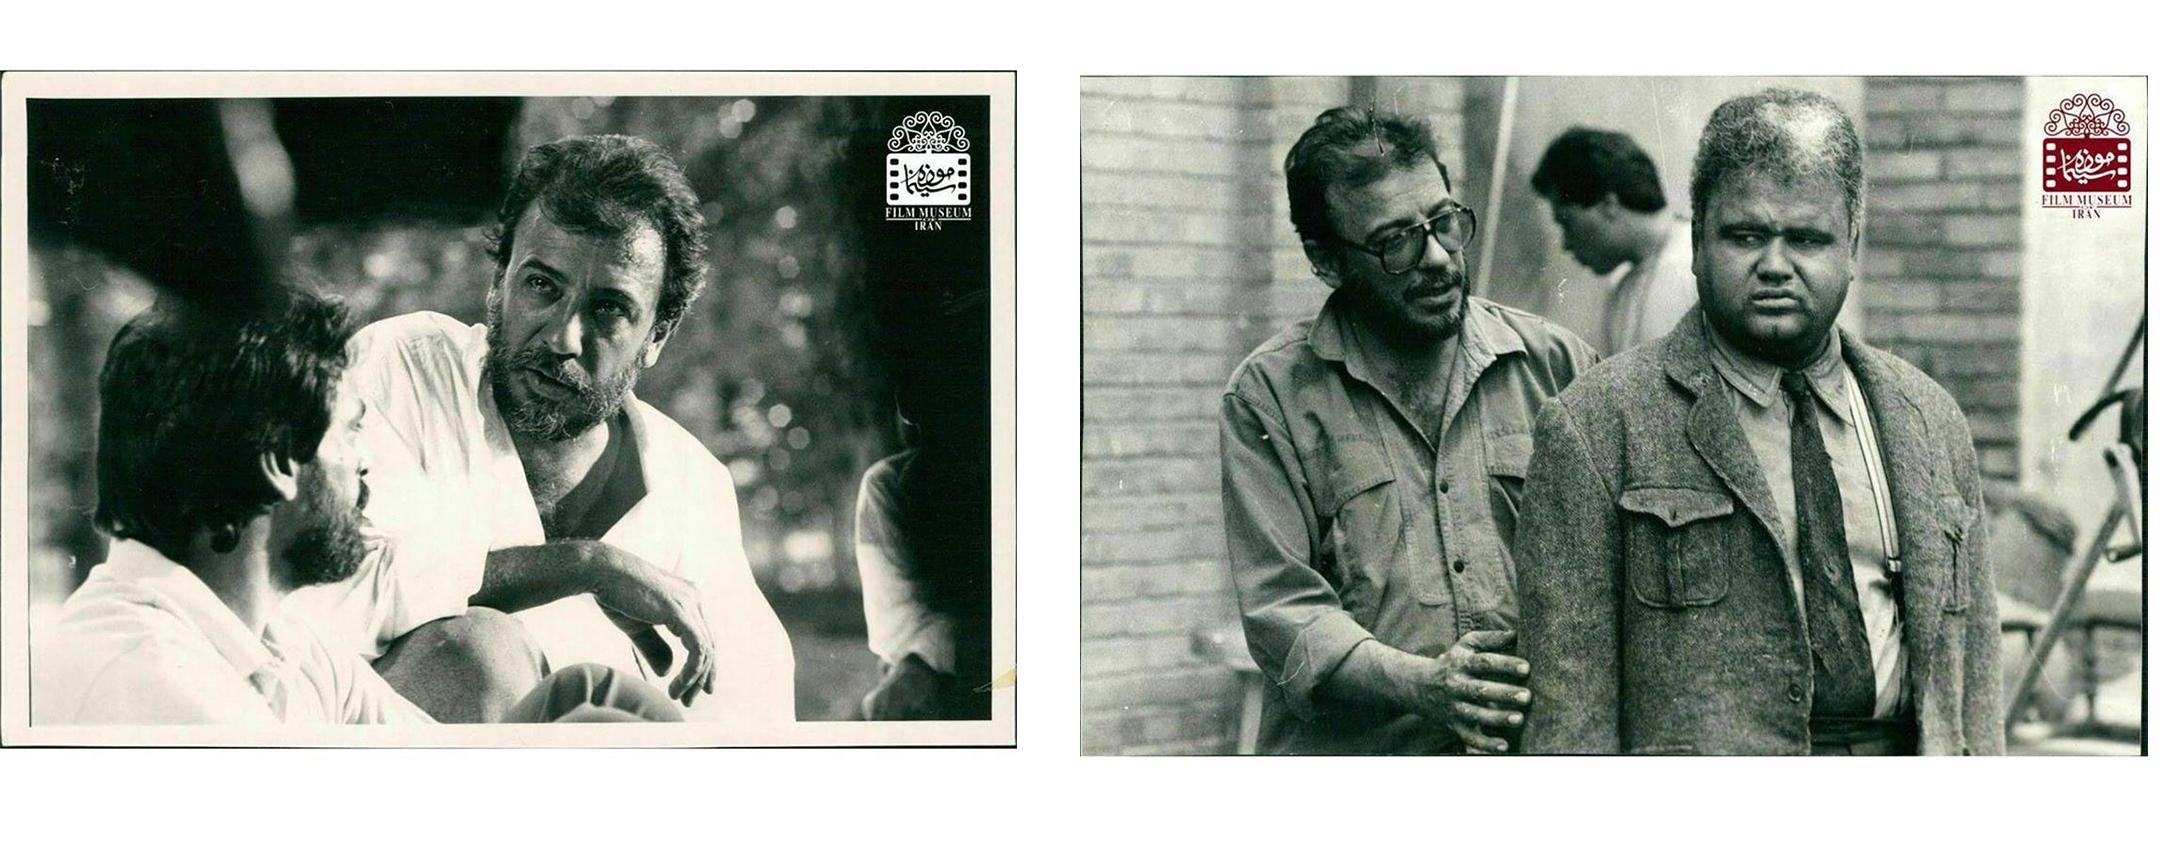 عکسهای کمتر دیدهشده از علی حاتمی در پشتصحنه فیلمها (بخش چهارم) | منبع: تاریخی موزه سینمای ایران